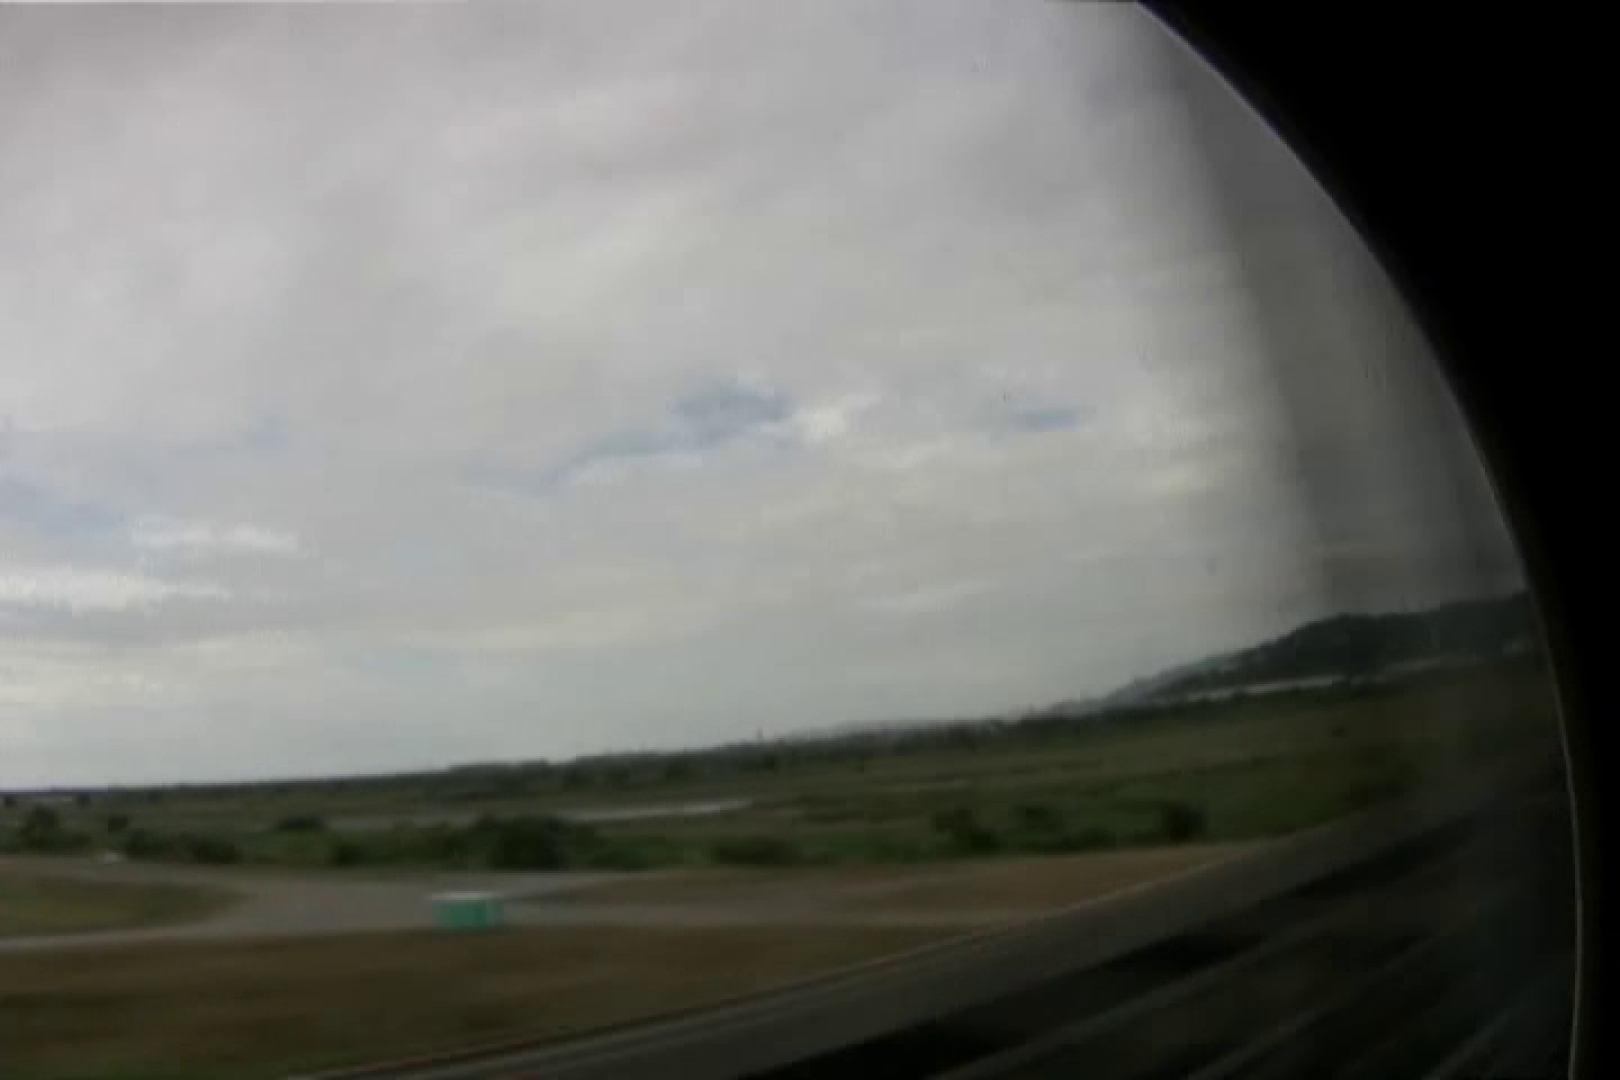 素人ナンパ本番撮り!出会い系でGET!Vol.01 S級美女ギャル ワレメ無修正動画無料 82画像 3